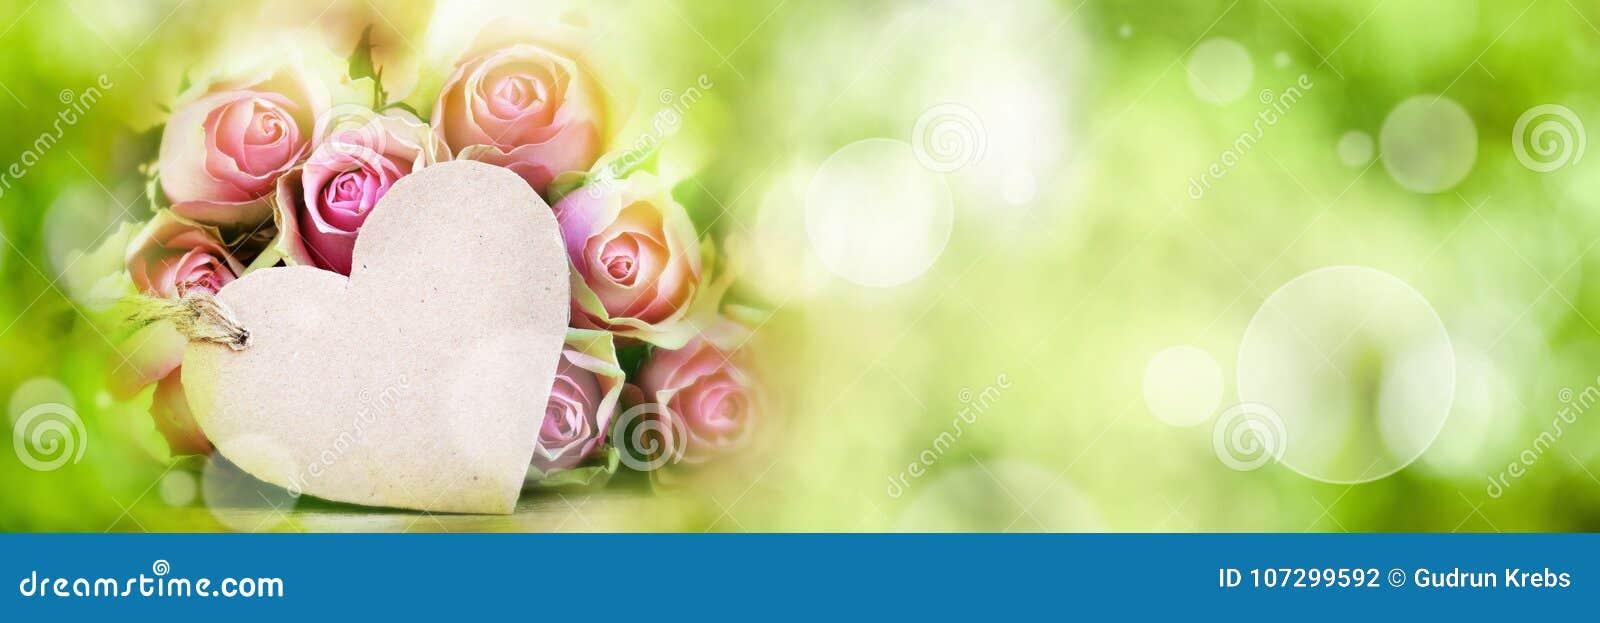 Rosas com o cartão no fundo da mola